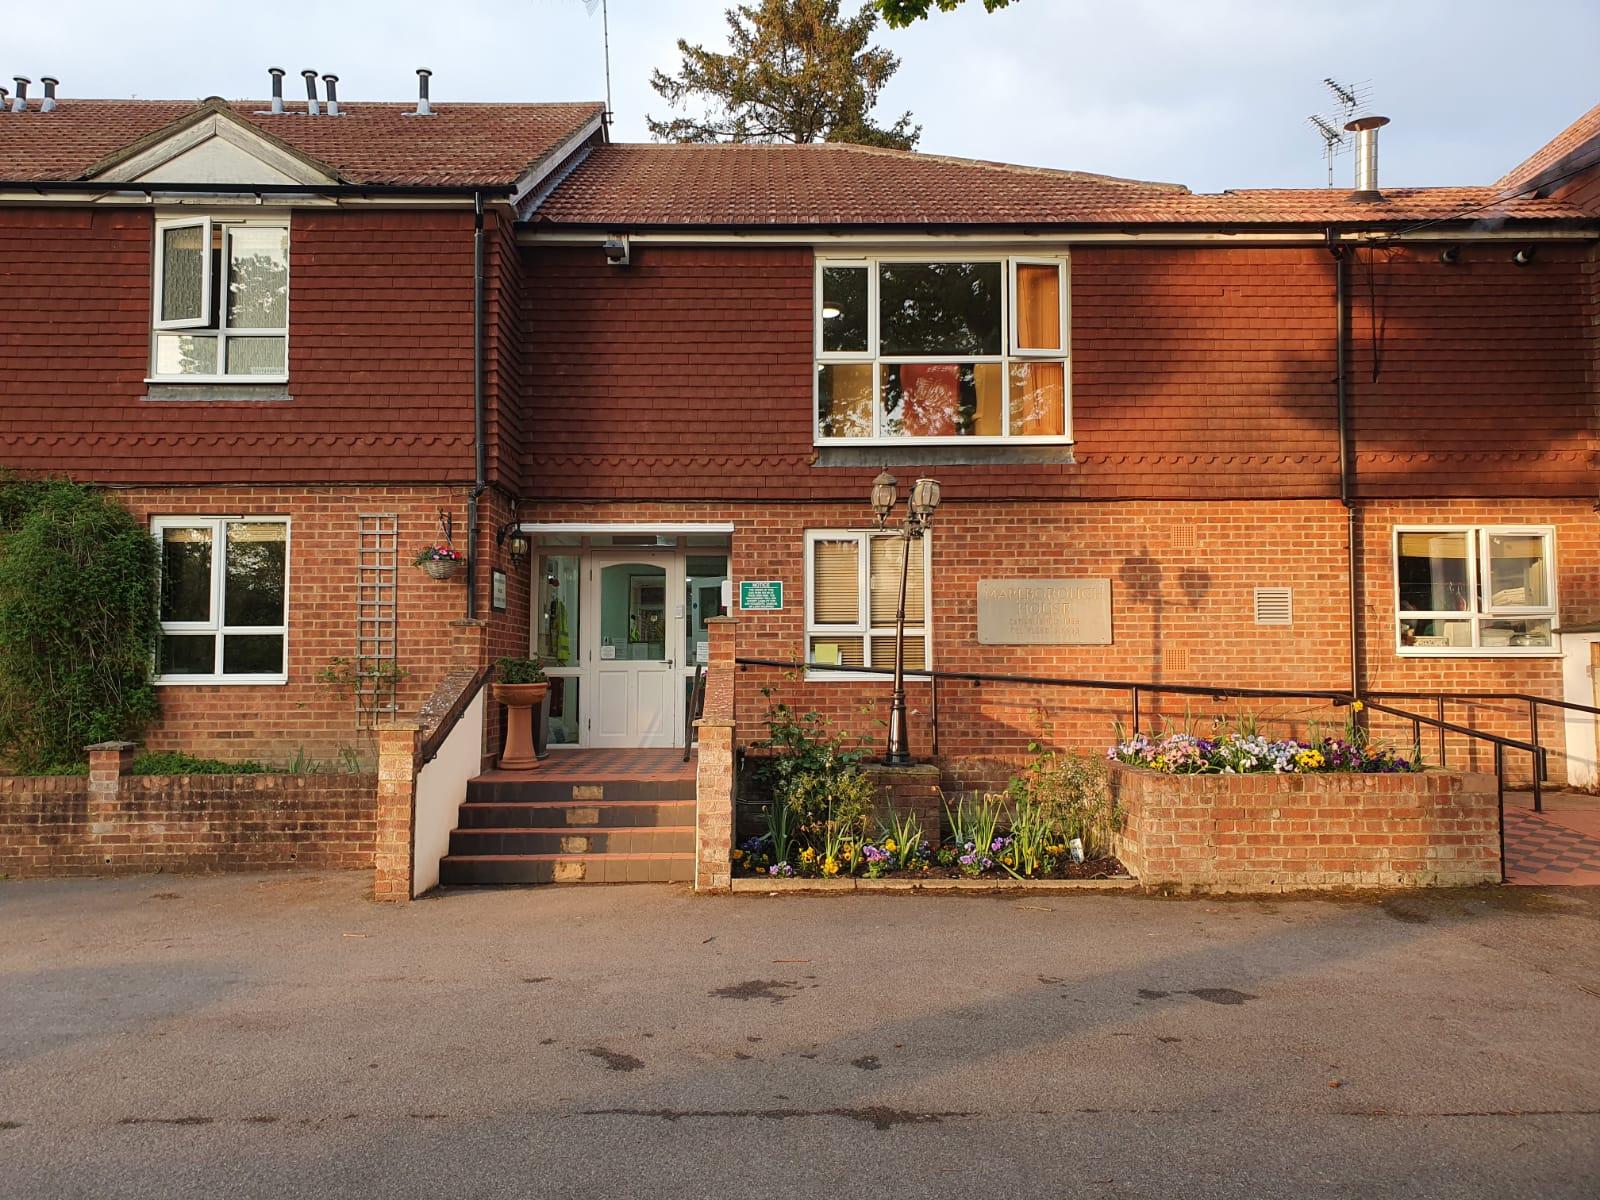 Care Home exterior